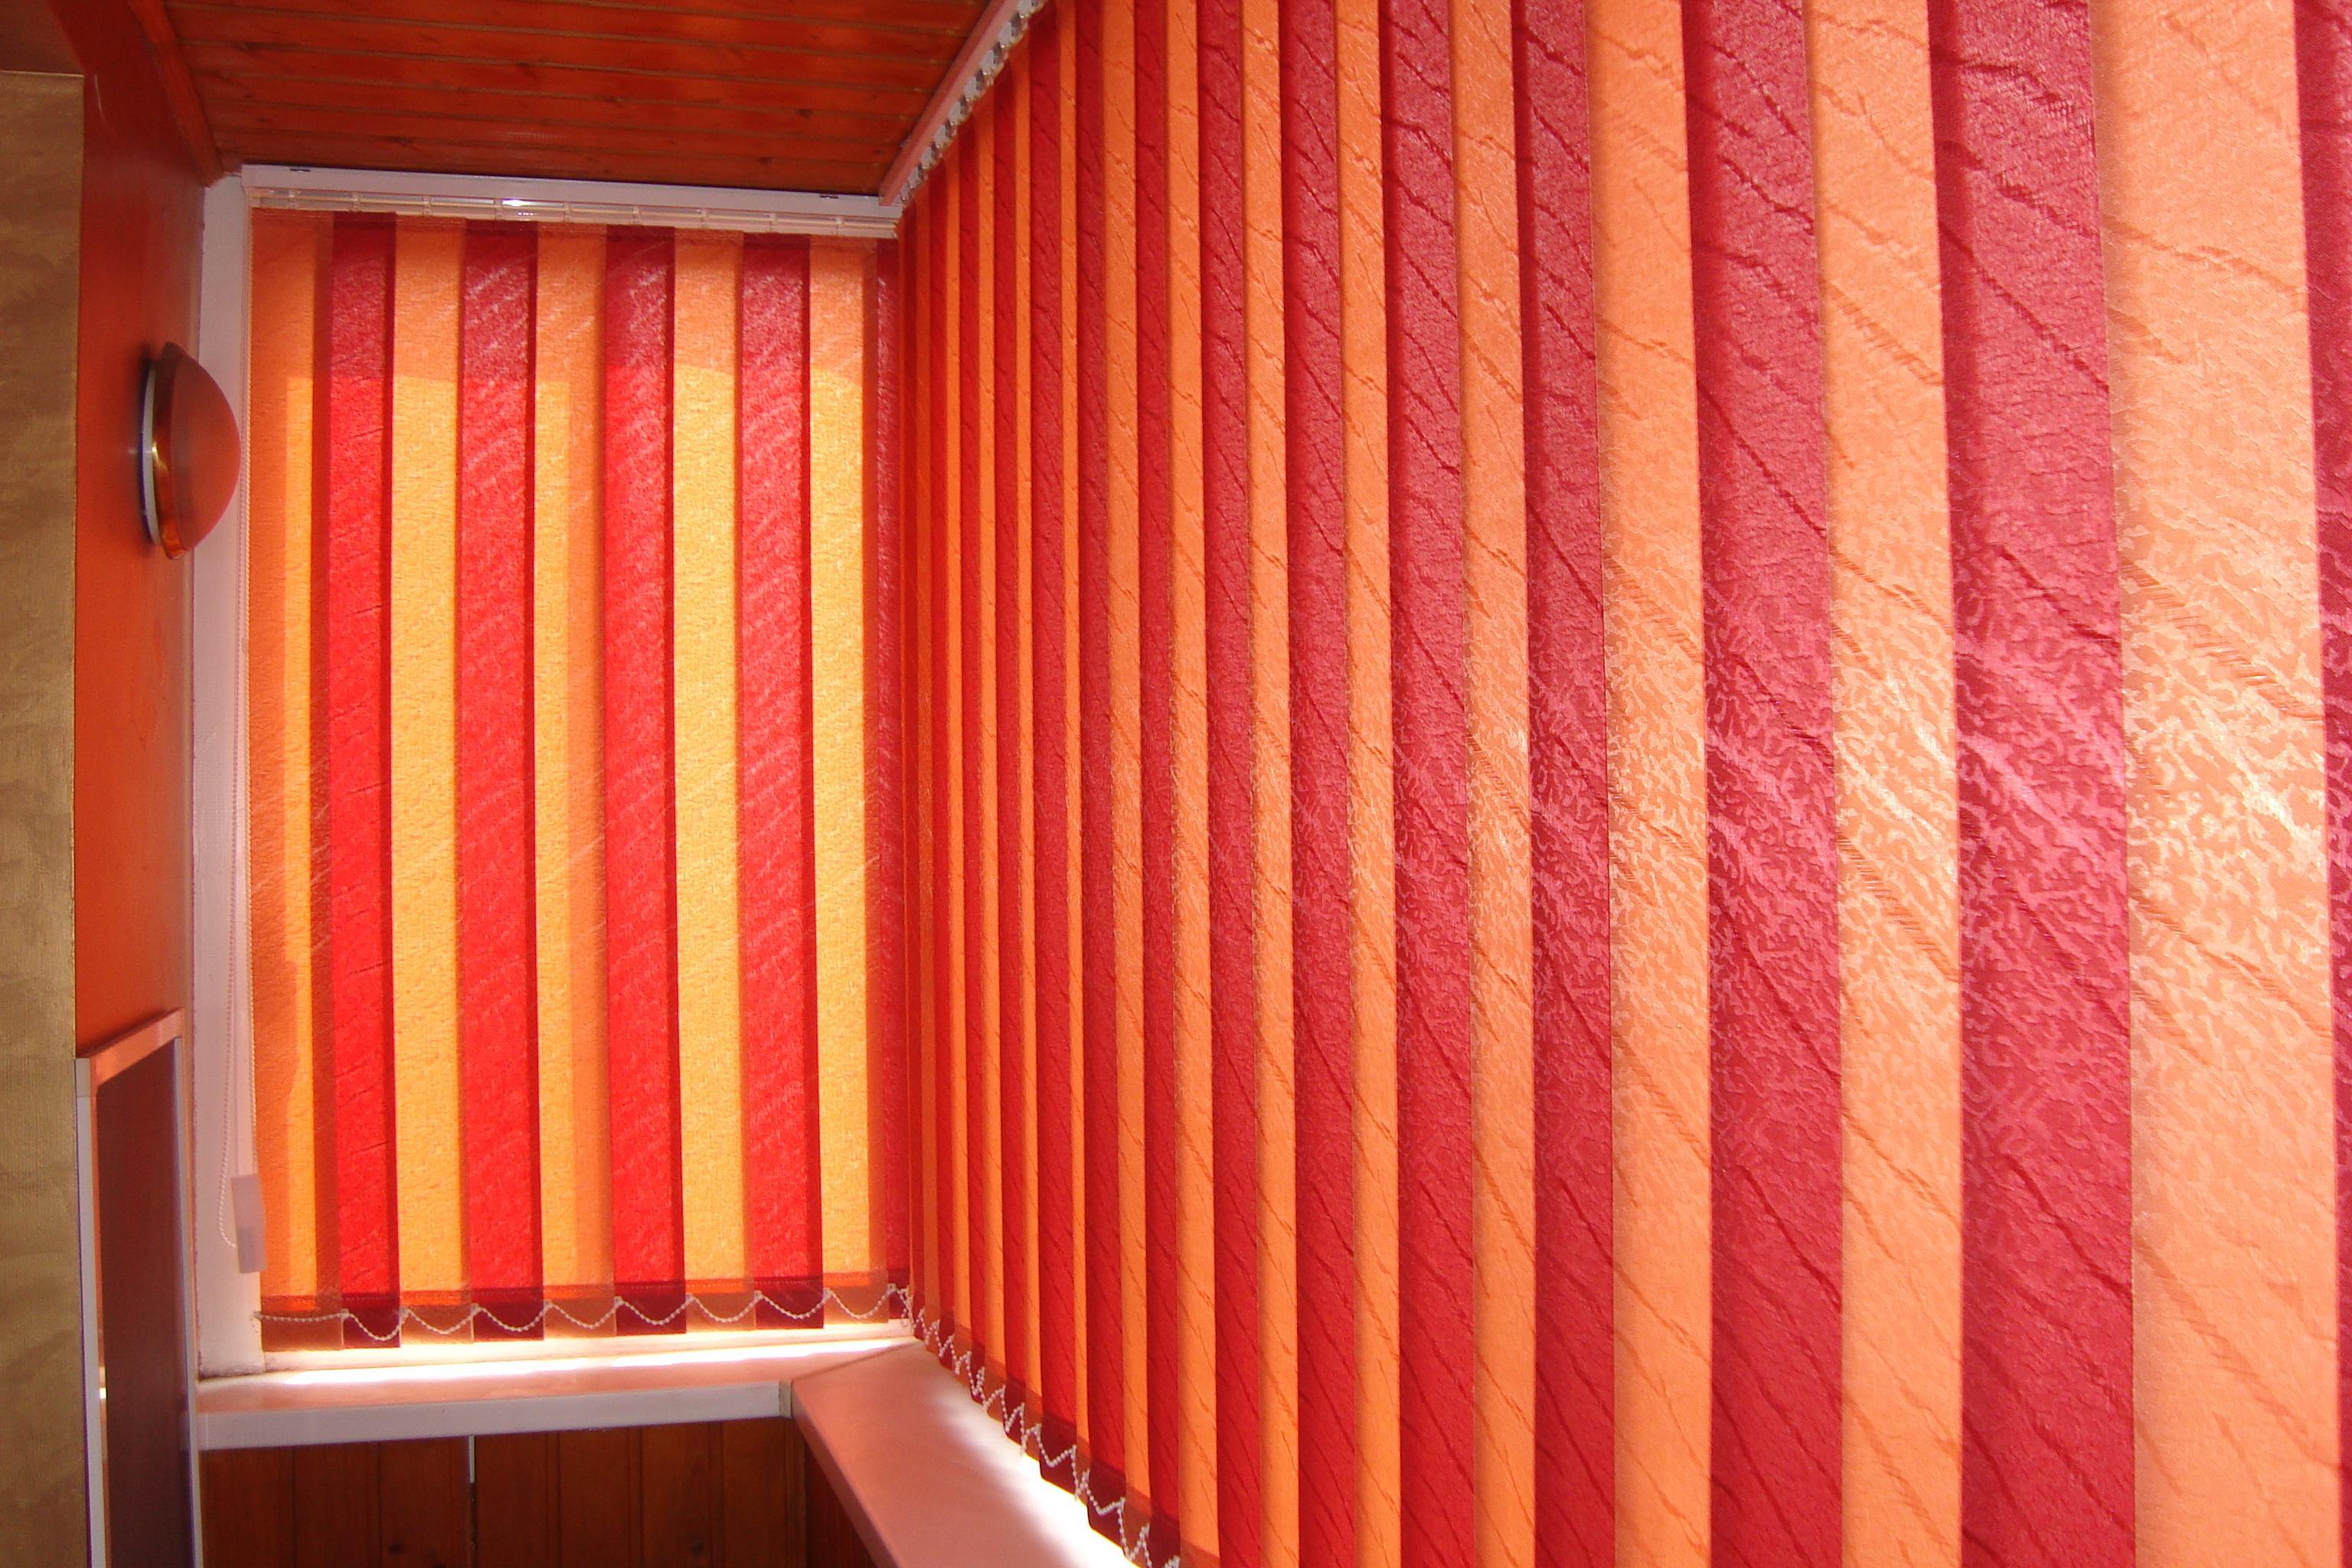 Жалюзи на балкон в воронеже - жалюзи рулонные шторы в вороне.